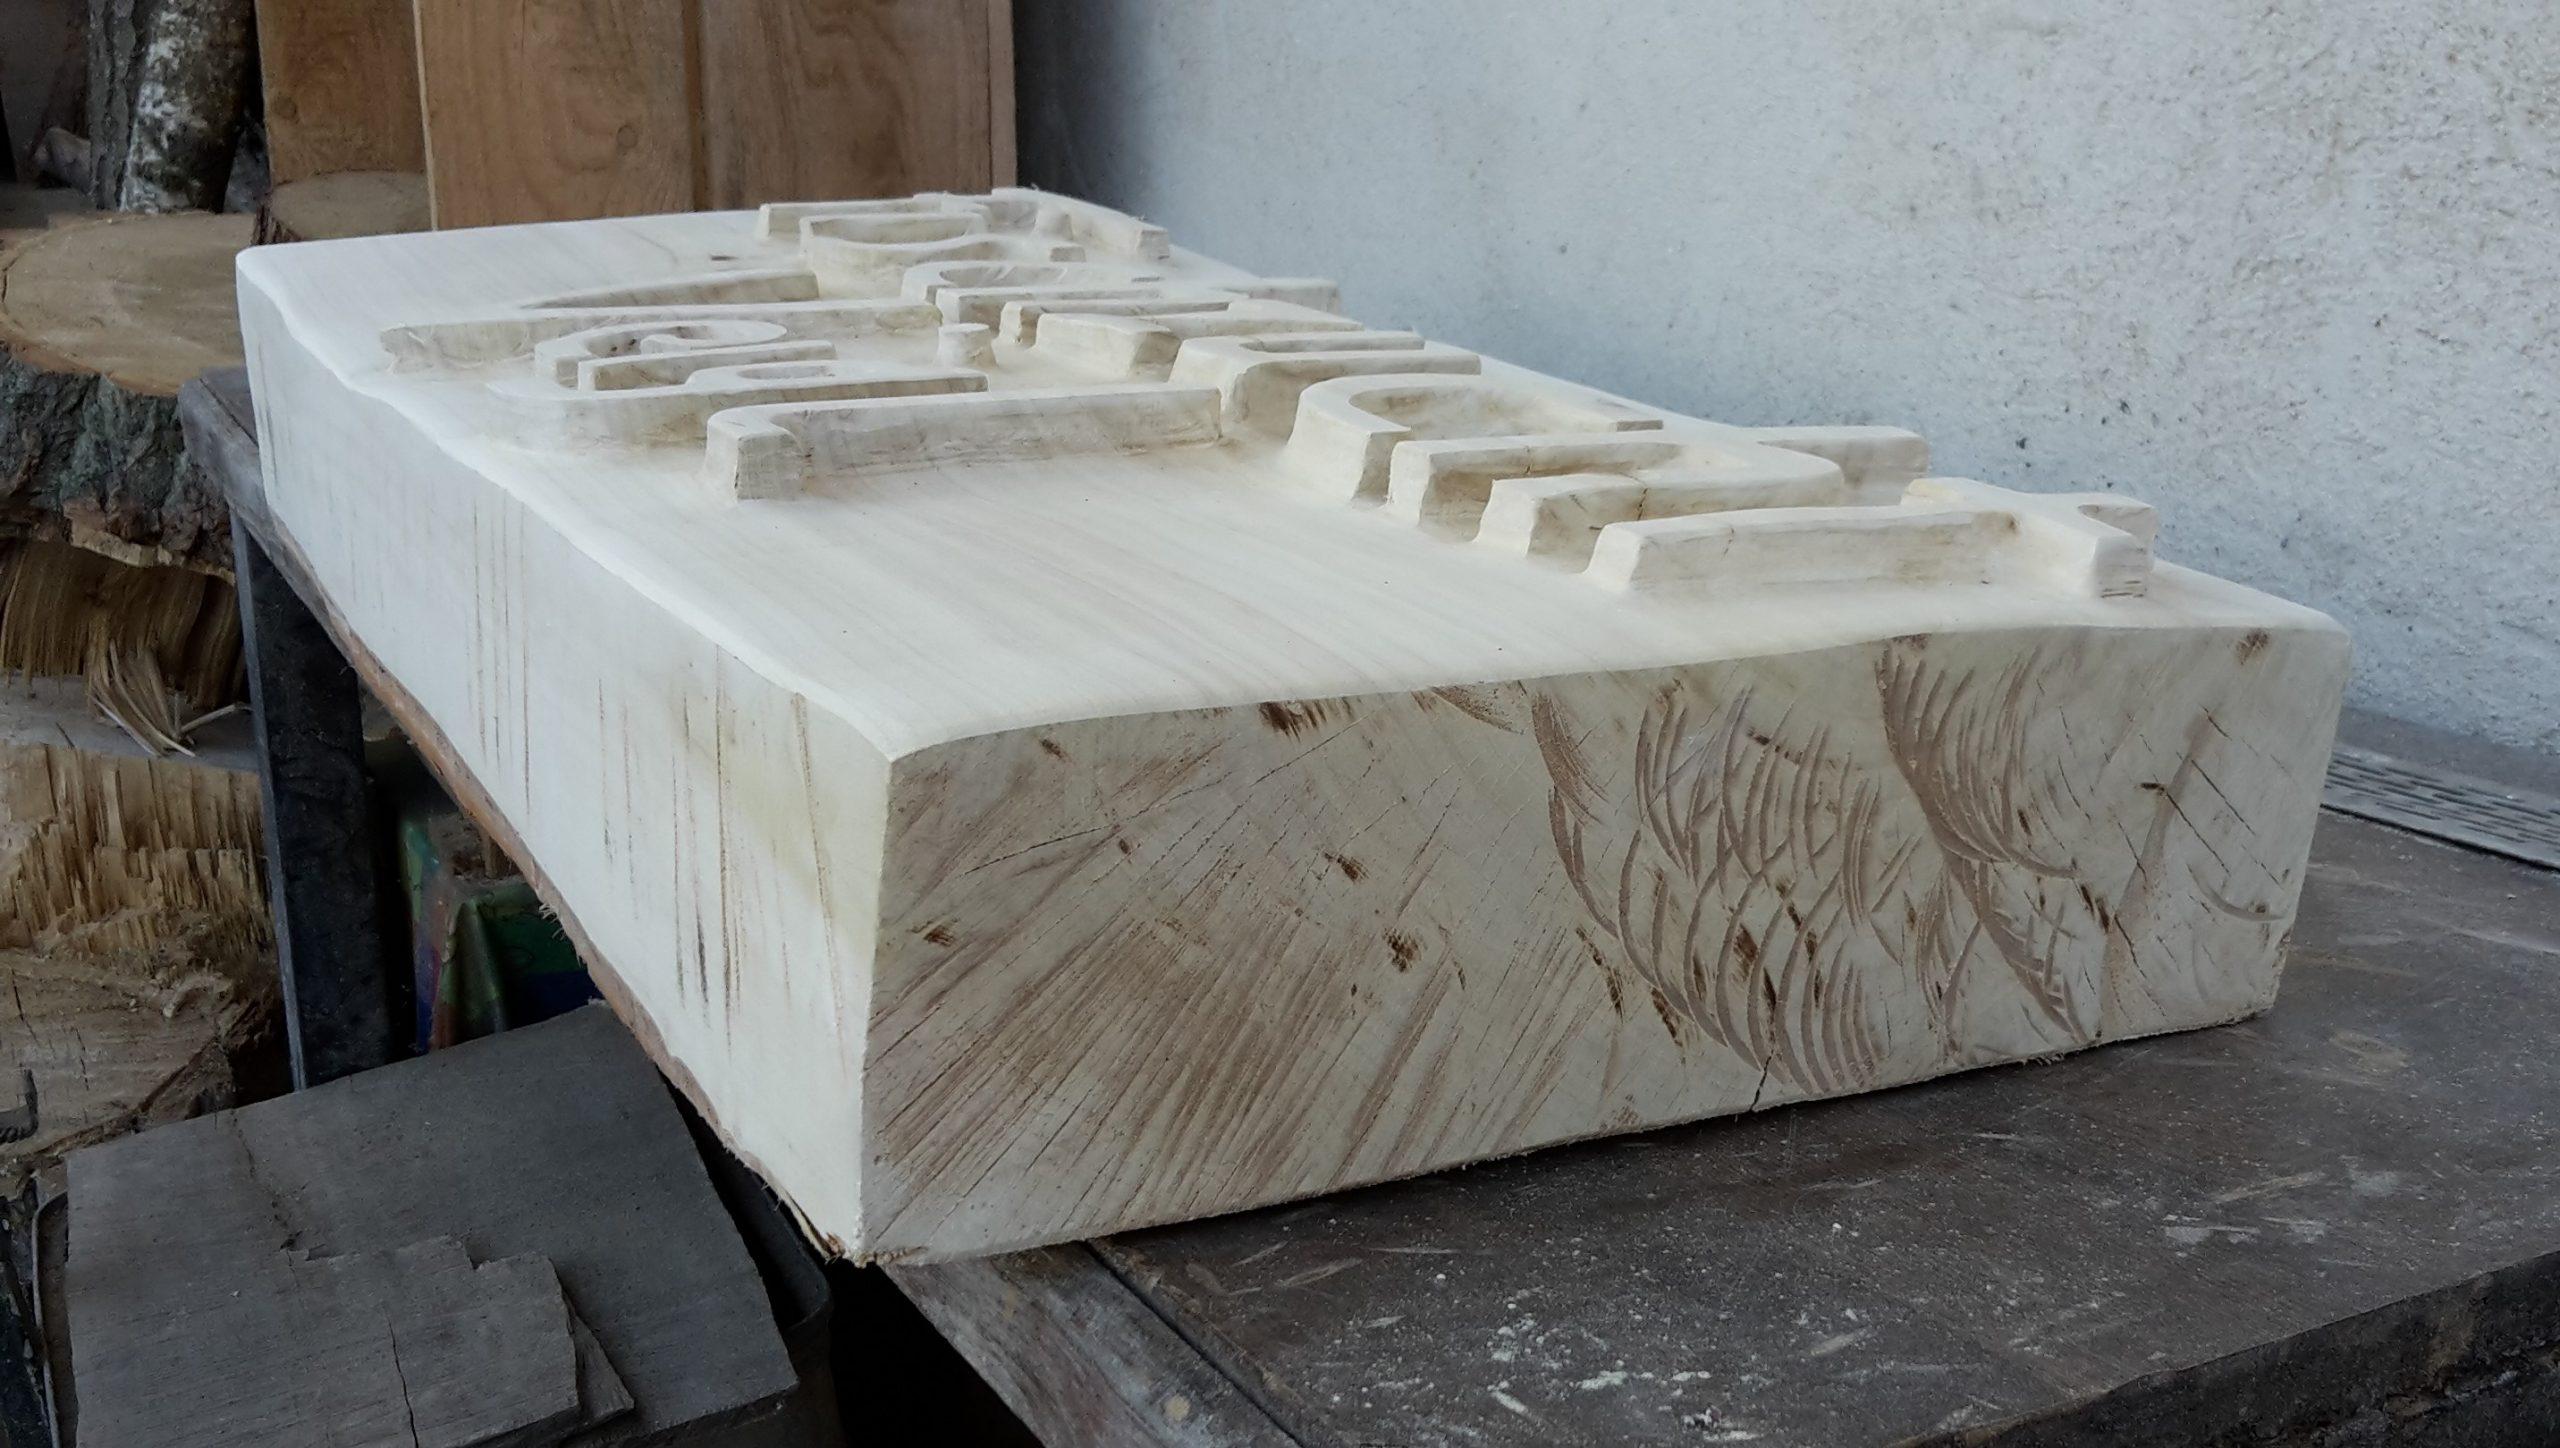 Holztafel Seitenansicht